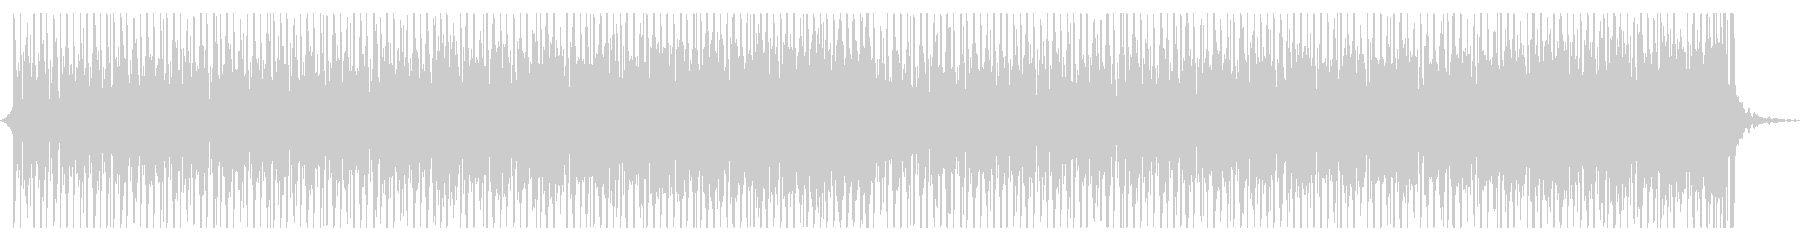 エレクトロなシンキングタイムの未再生の波形